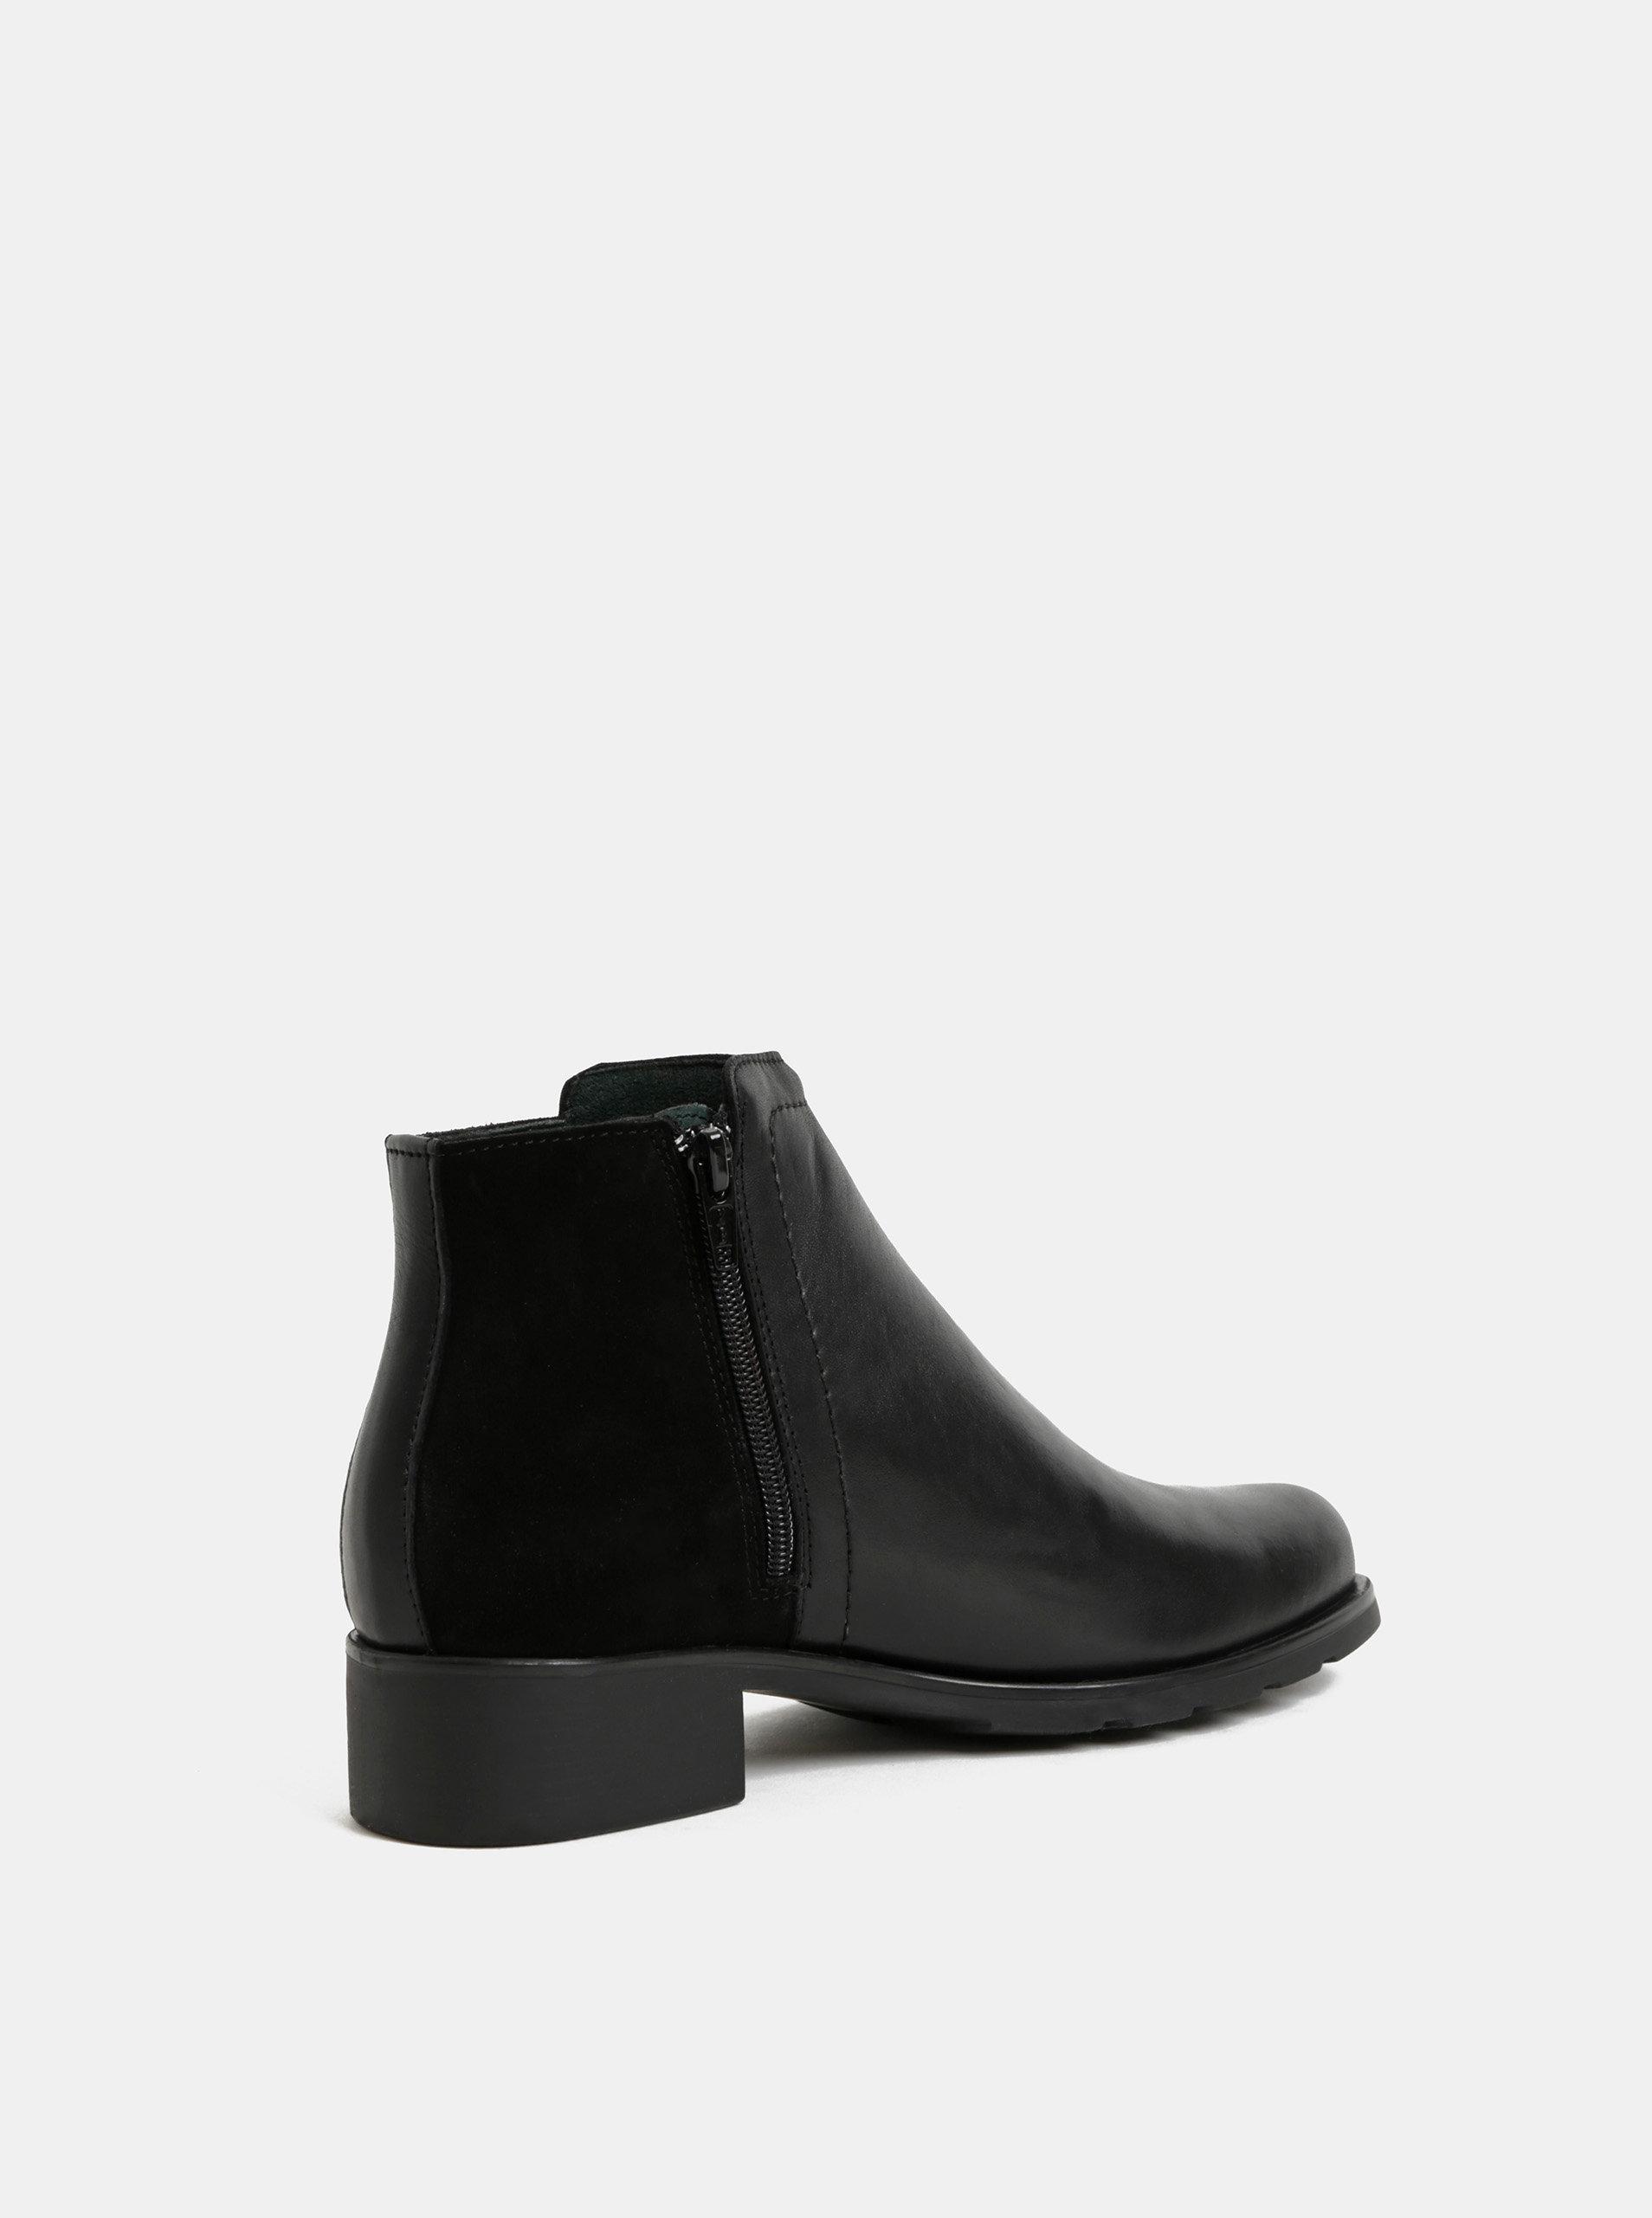 f573b7de0d2a Čierne kožené členkové topánky so semišovým detailom OJJU ...